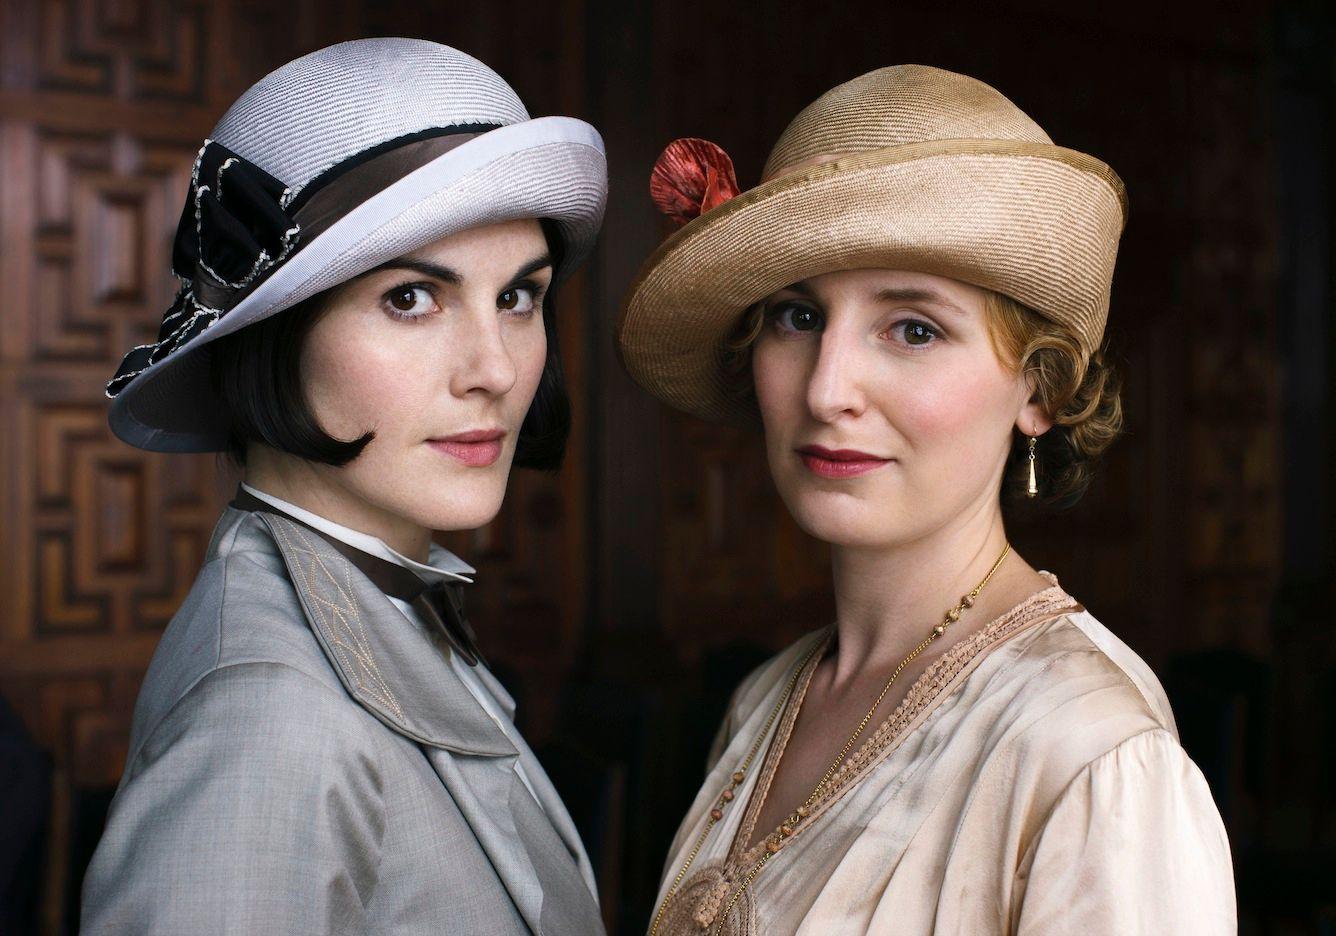 downton abbey season 5 episode 8 watch online free